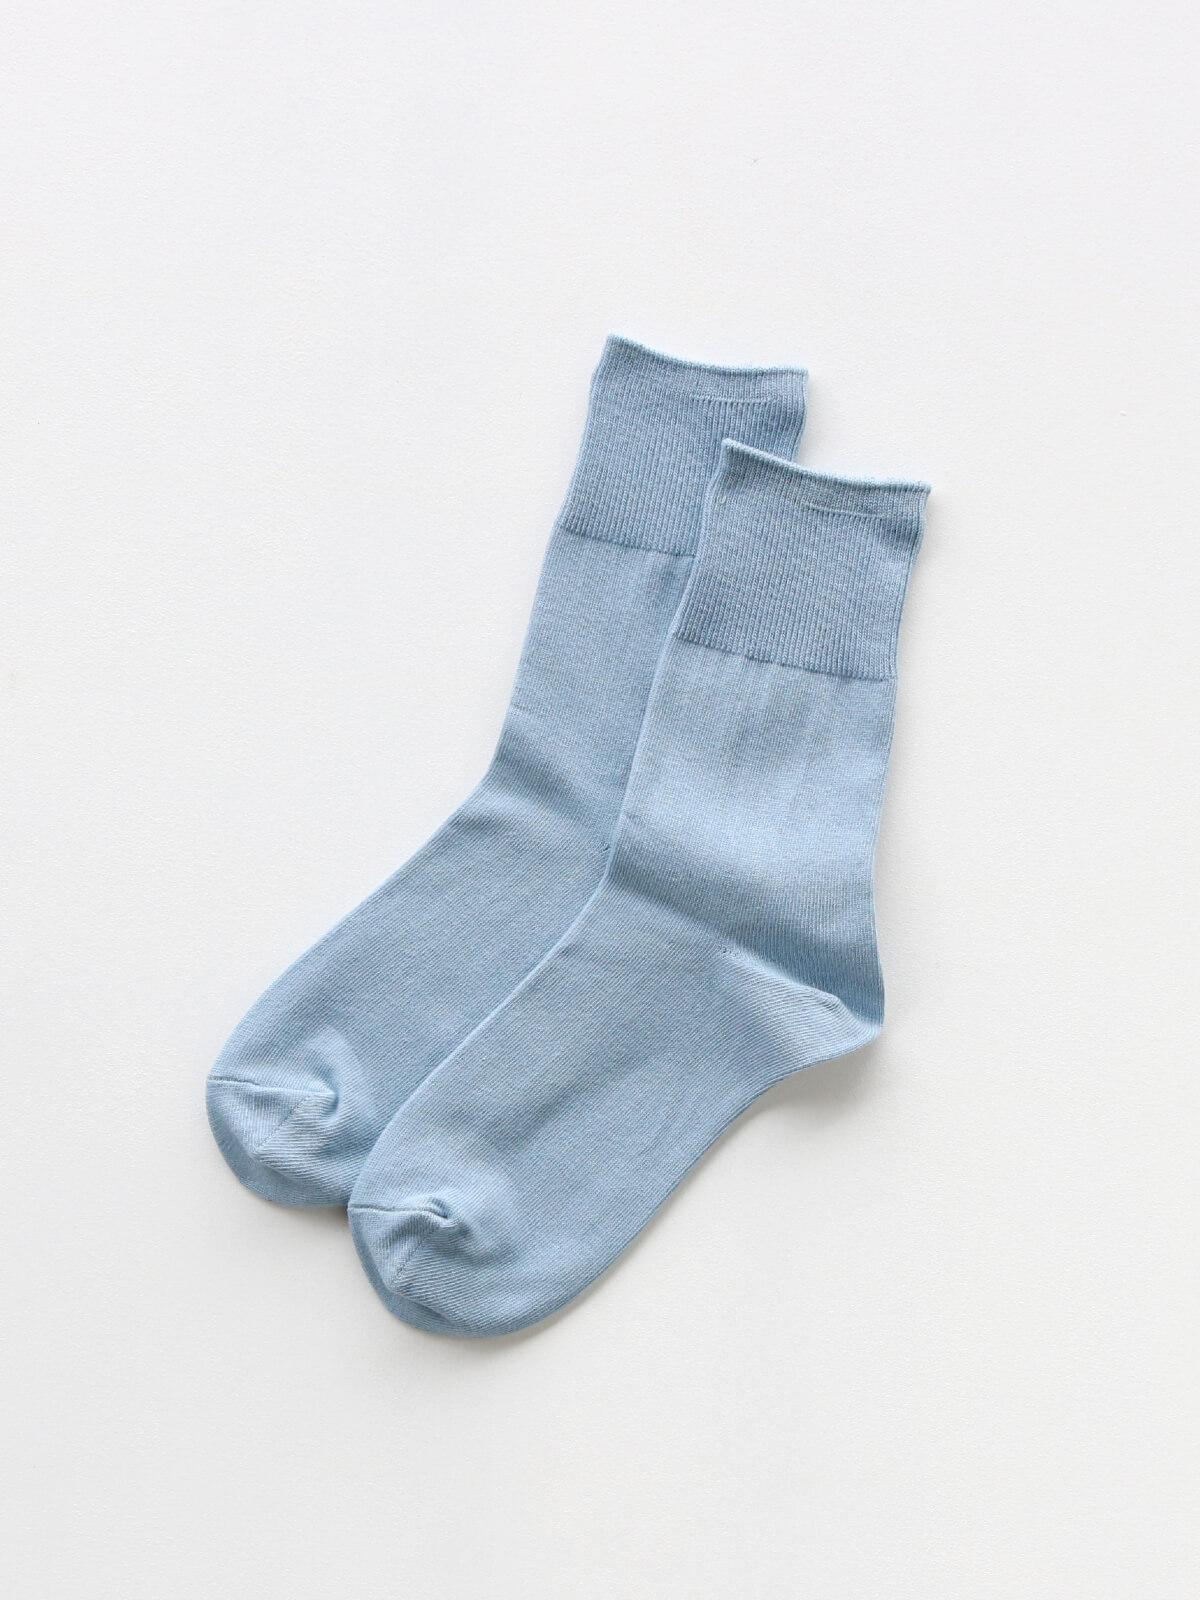 当たりつきギフト専用靴下のLUCKY SOCKS(ラッキーソックス)のLight Ankle Socks(ライトアンクルソックス)のスチールブルー_2